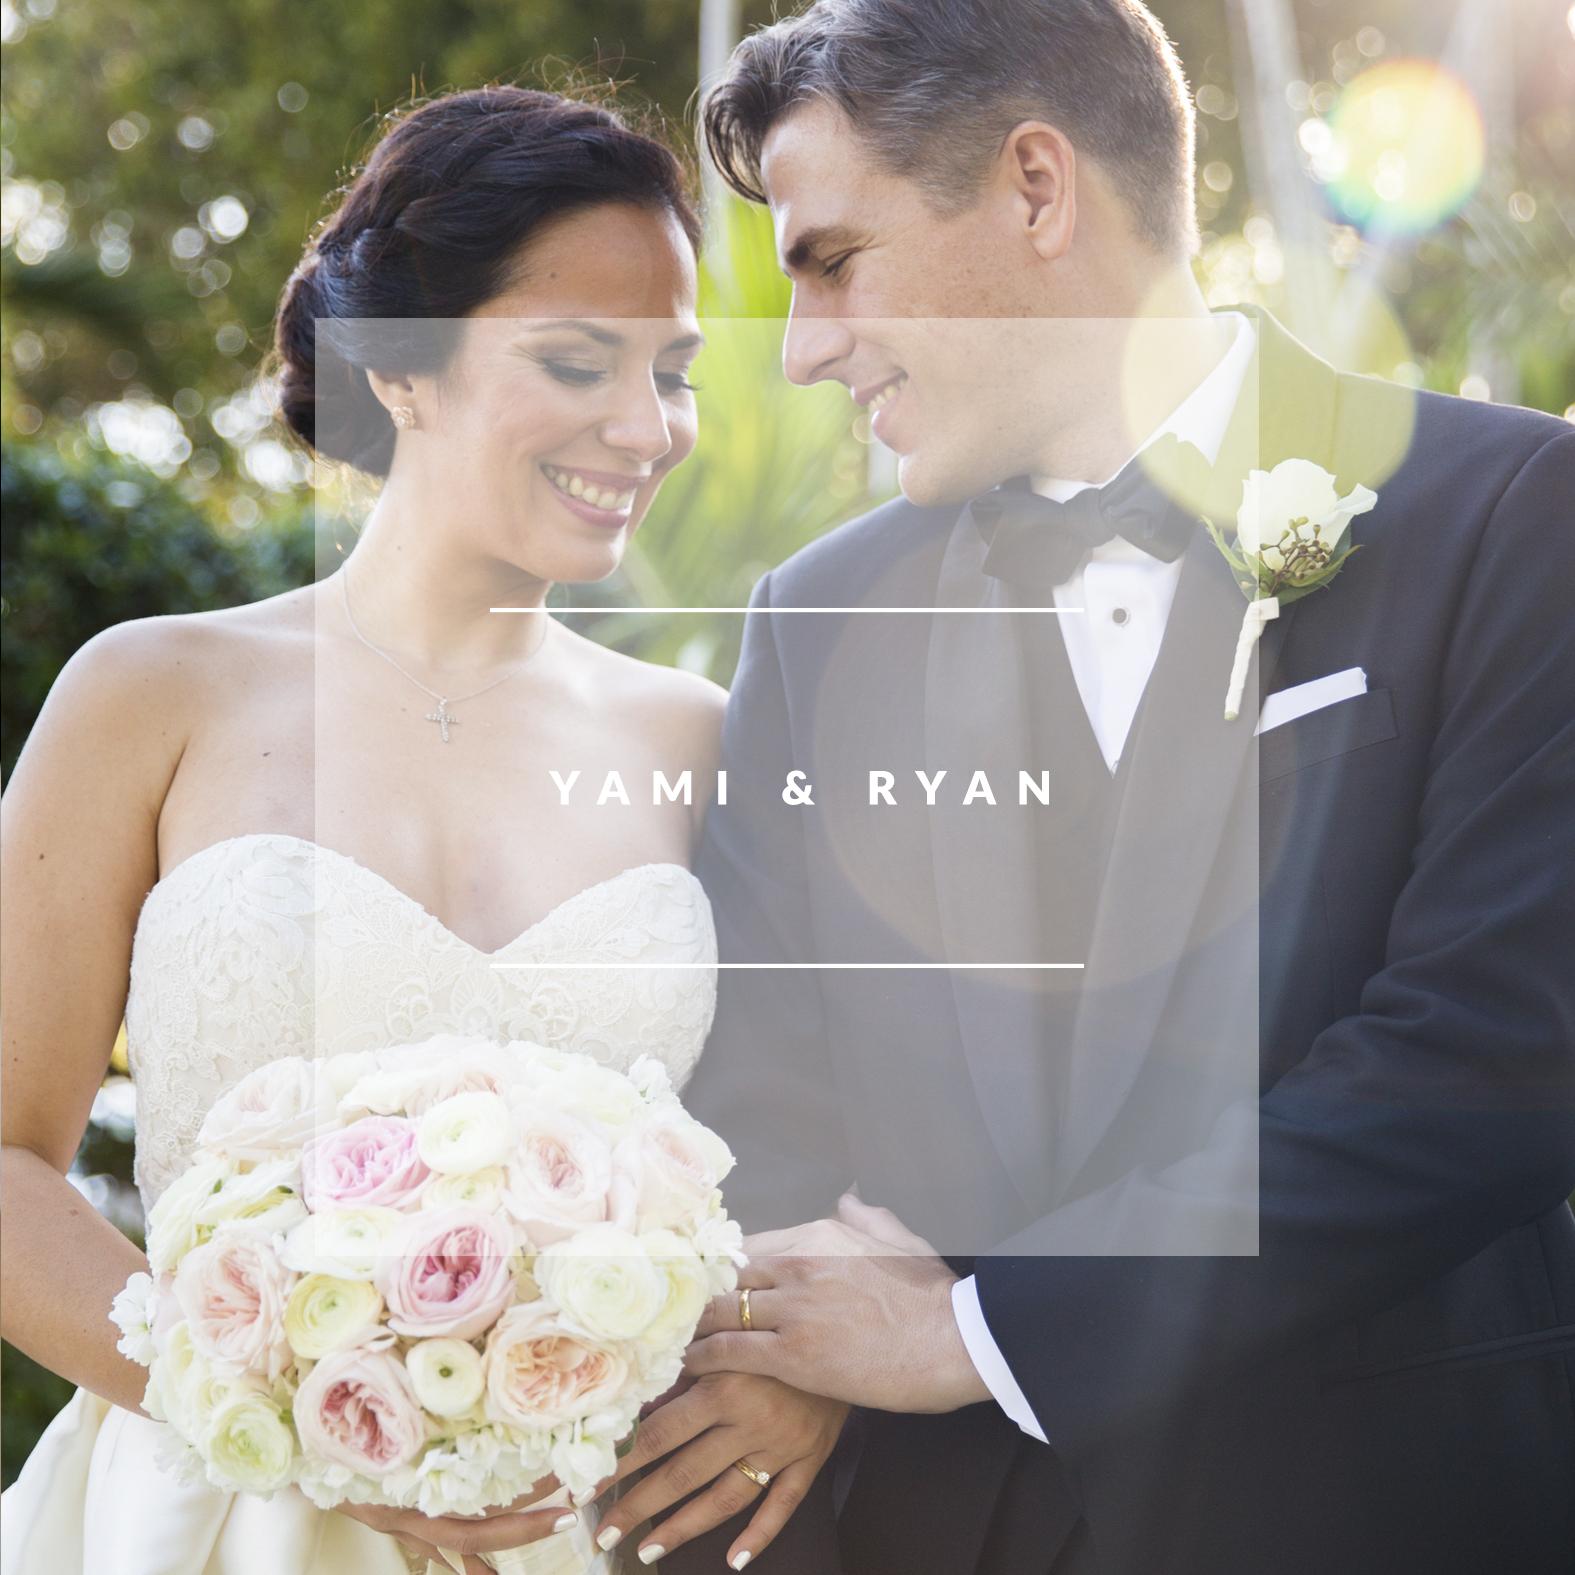 YamiRyan_Cover.jpg